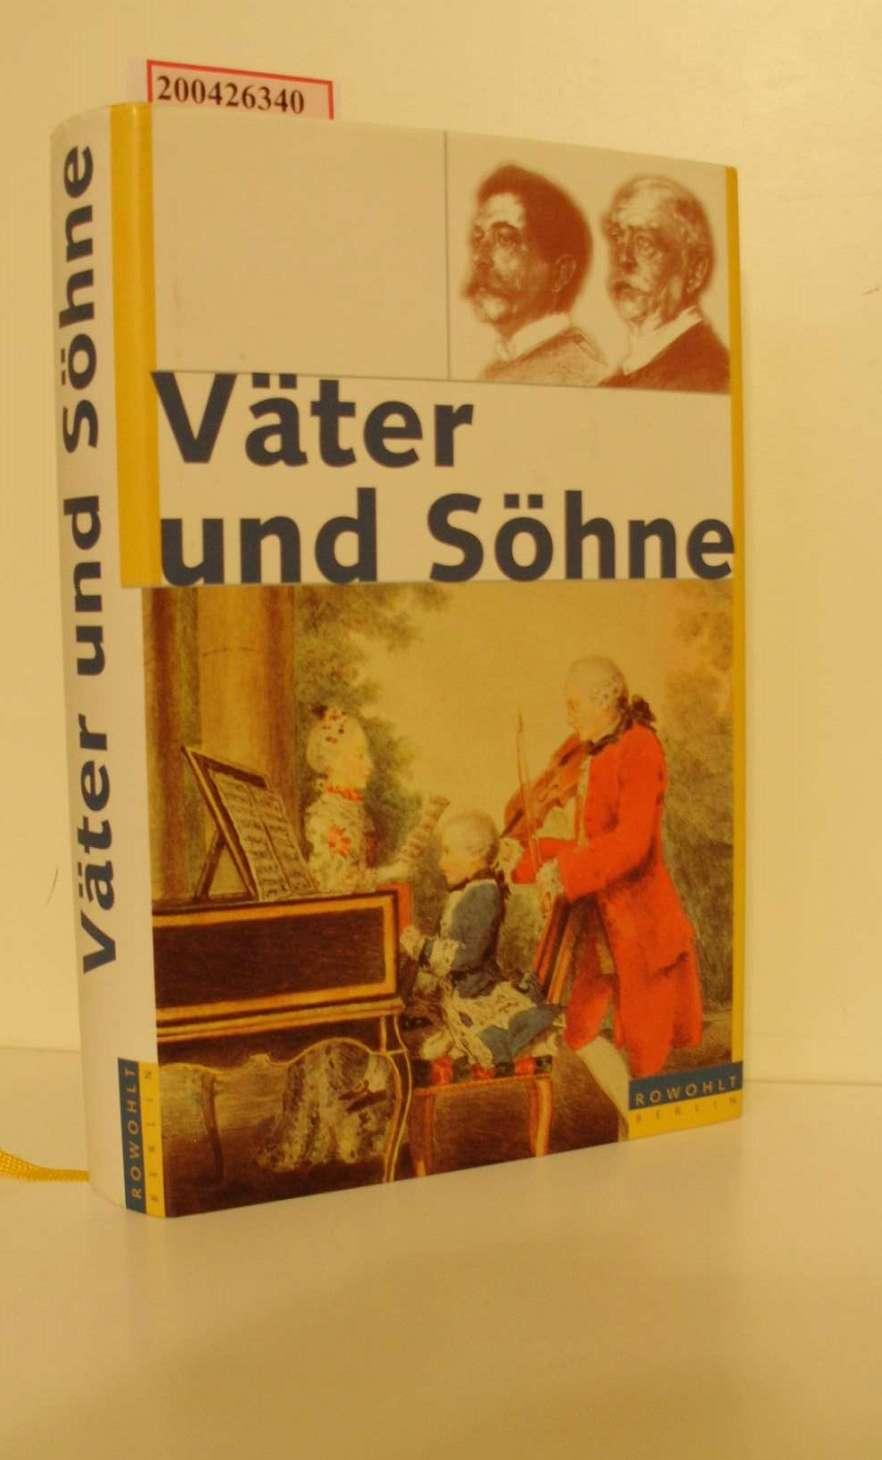 Väter und Söhne : zwölf biographische Porträts ; Lektorat: Thomas Karlauf, Katharina Raabe